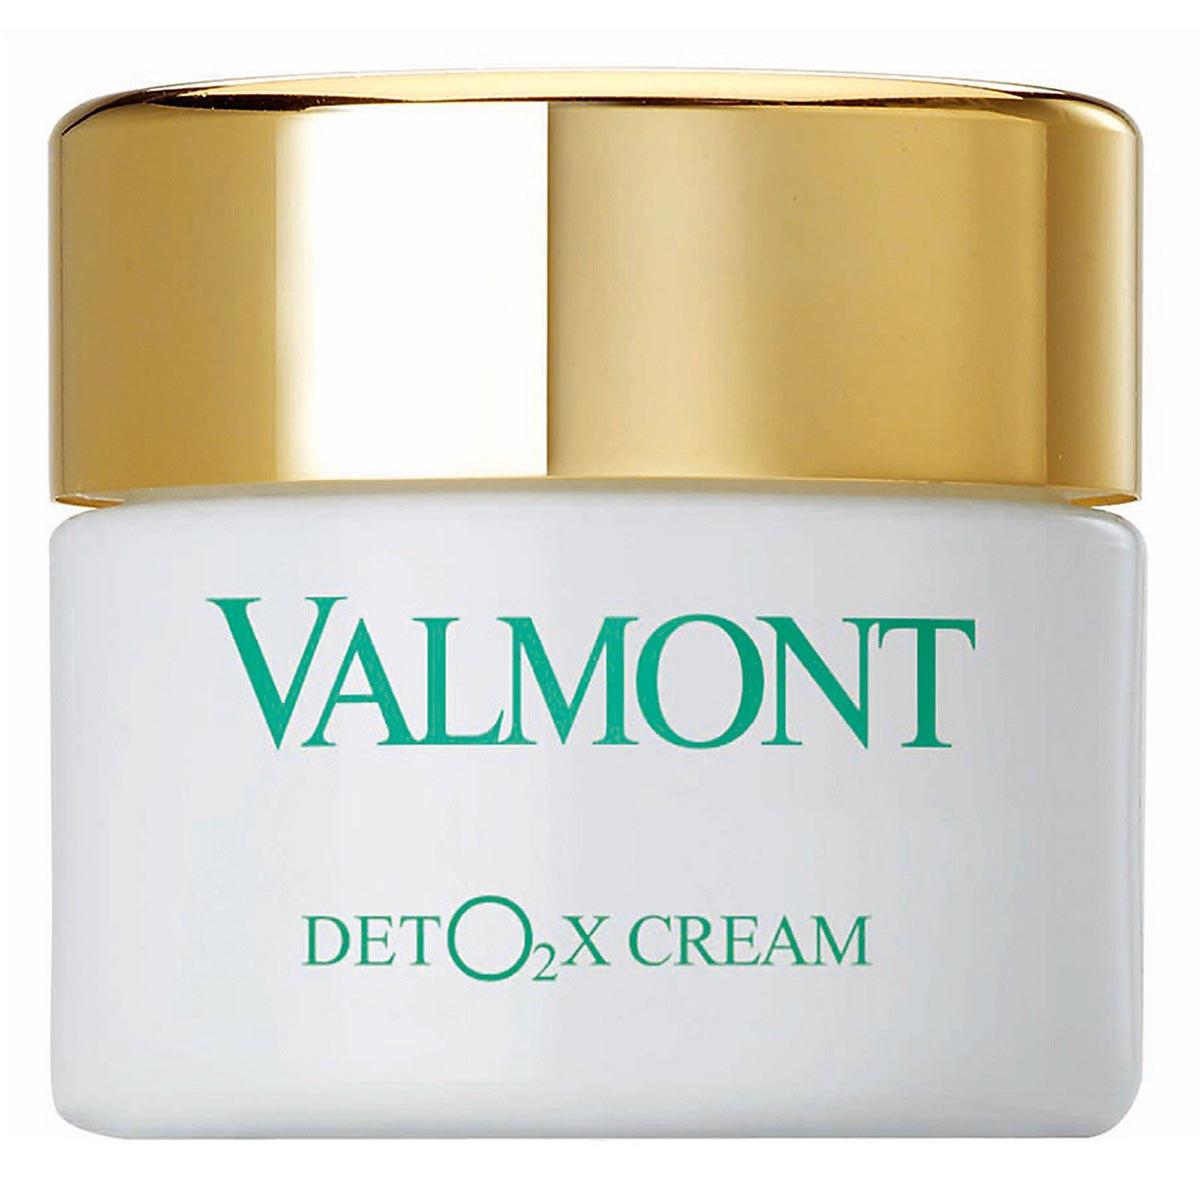 Valmont energy deto2x cream 45ml